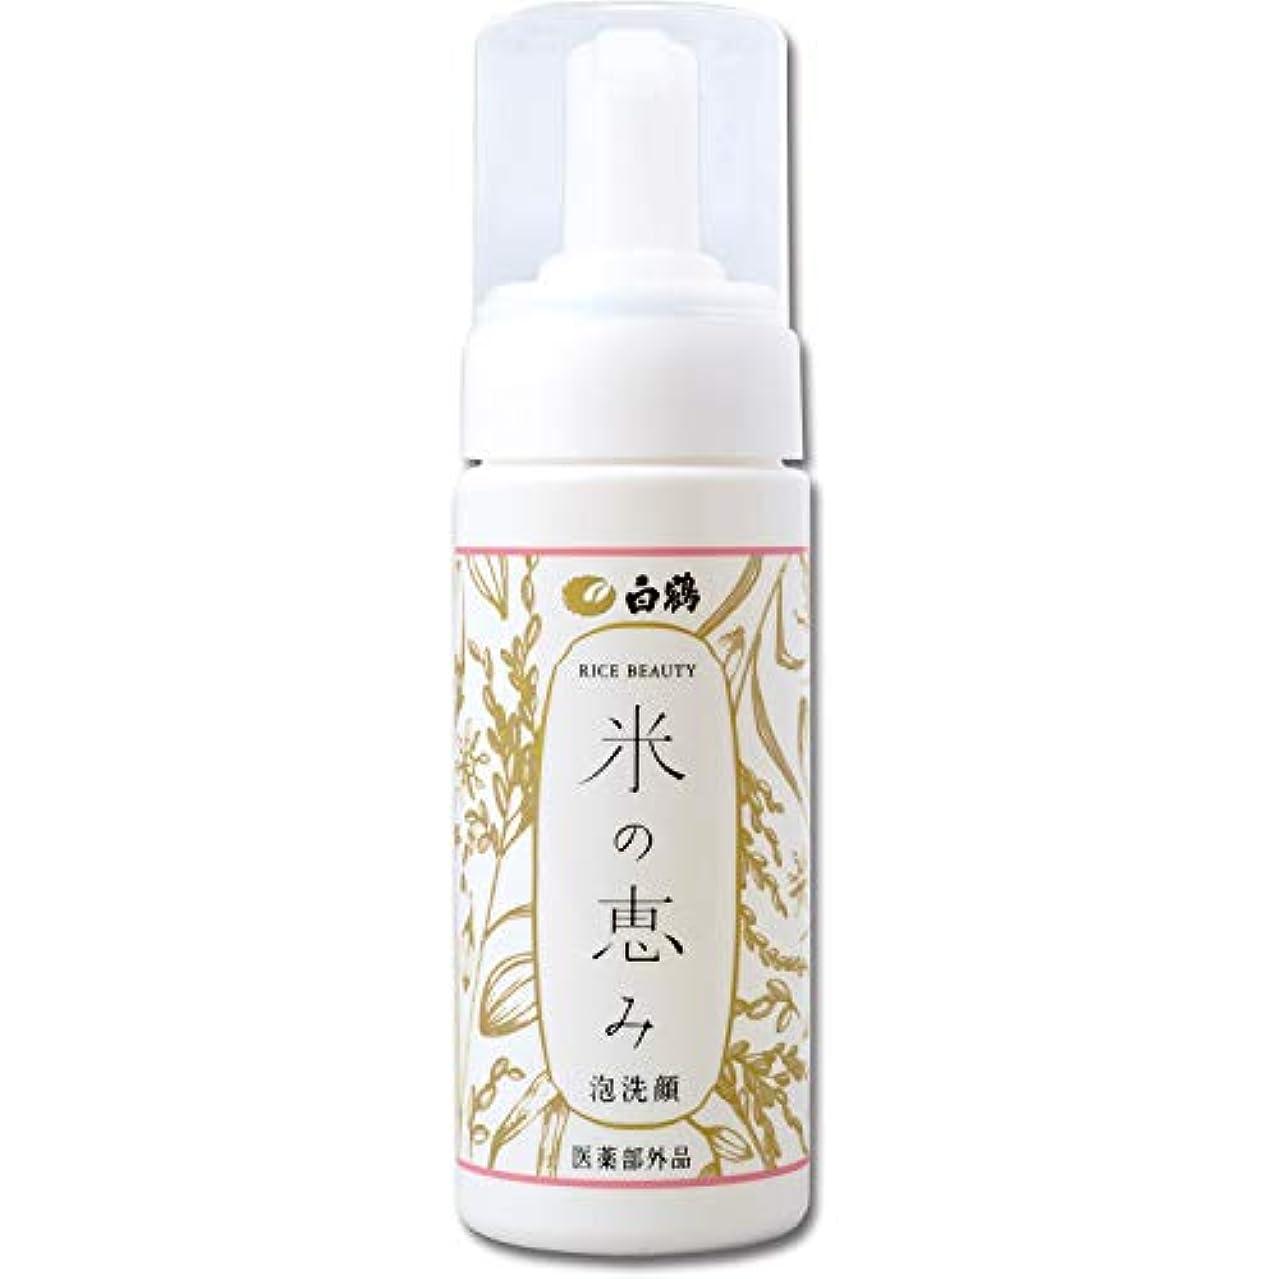 何よりもマイナー白鶴 ライスビューティー 米の恵み 泡洗顔 150ml (医薬部外品)